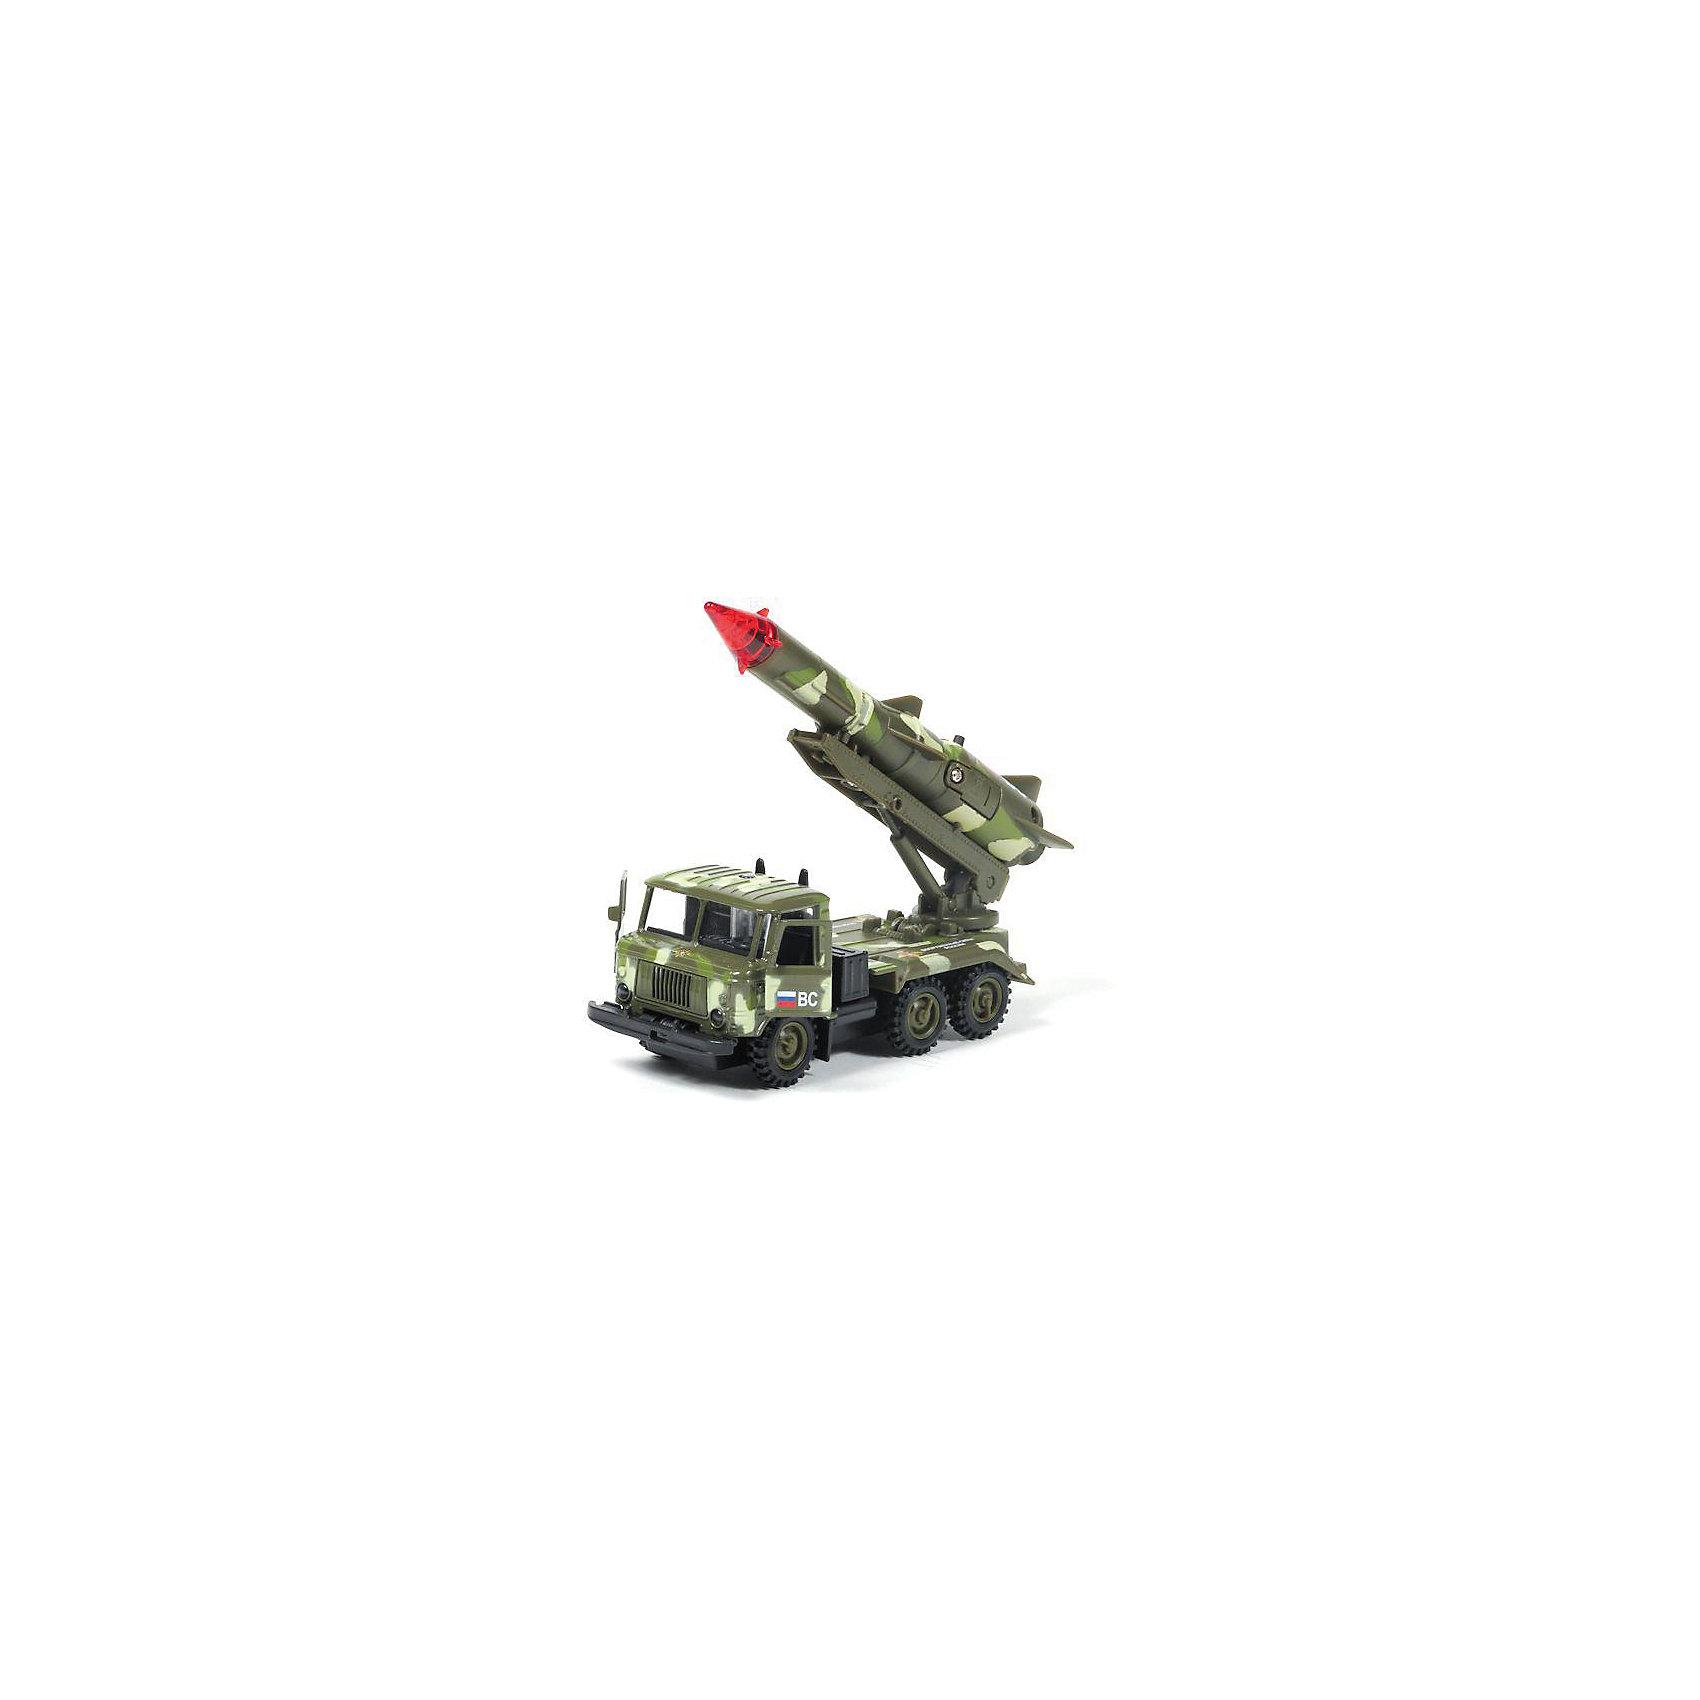 Машина ГАЗ 66: Ракета Военные силы, 1:43, со светом и звуком, ТЕХНОПАРКВоенный транспорт<br>Машина ГАЗ 66: Ракета Военные силы, 1:43, со светом и звуком, ТЕХНОПАРК – это тщательно проработанная игровая и коллекционная модель.<br>Коллекционная модель ГАЗ 66: Ракета Военные силы - миниатюрная копия настоящего автомобиля. Модель, оборудованная светящейся боеголовкой и инерционным механизмом, украсит любую коллекцию моделей военной техники. Помимо светового, она оснащена еще и звуковым модулем, издающим характерный сигнал. Ракета поднимается и опускается. Двери машины открываются. Корпус машины металлический.<br><br>Дополнительная информация:<br><br>- Масштаб: 1:43<br>- Материал: металл, пластик<br>- Цвет: хаки<br>- На батарейках<br>- Размер упаковки: 21х15х6см.<br>- Вес: 220 гр.<br><br>Машину ГАЗ 66: Ракета Военные силы, 1:43, со светом и звуком, ТЕХНОПАРК можно купить в нашем интернет-магазине.<br><br>Ширина мм: 210<br>Глубина мм: 60<br>Высота мм: 160<br>Вес г: 220<br>Возраст от месяцев: 36<br>Возраст до месяцев: 120<br>Пол: Мужской<br>Возраст: Детский<br>SKU: 4077251